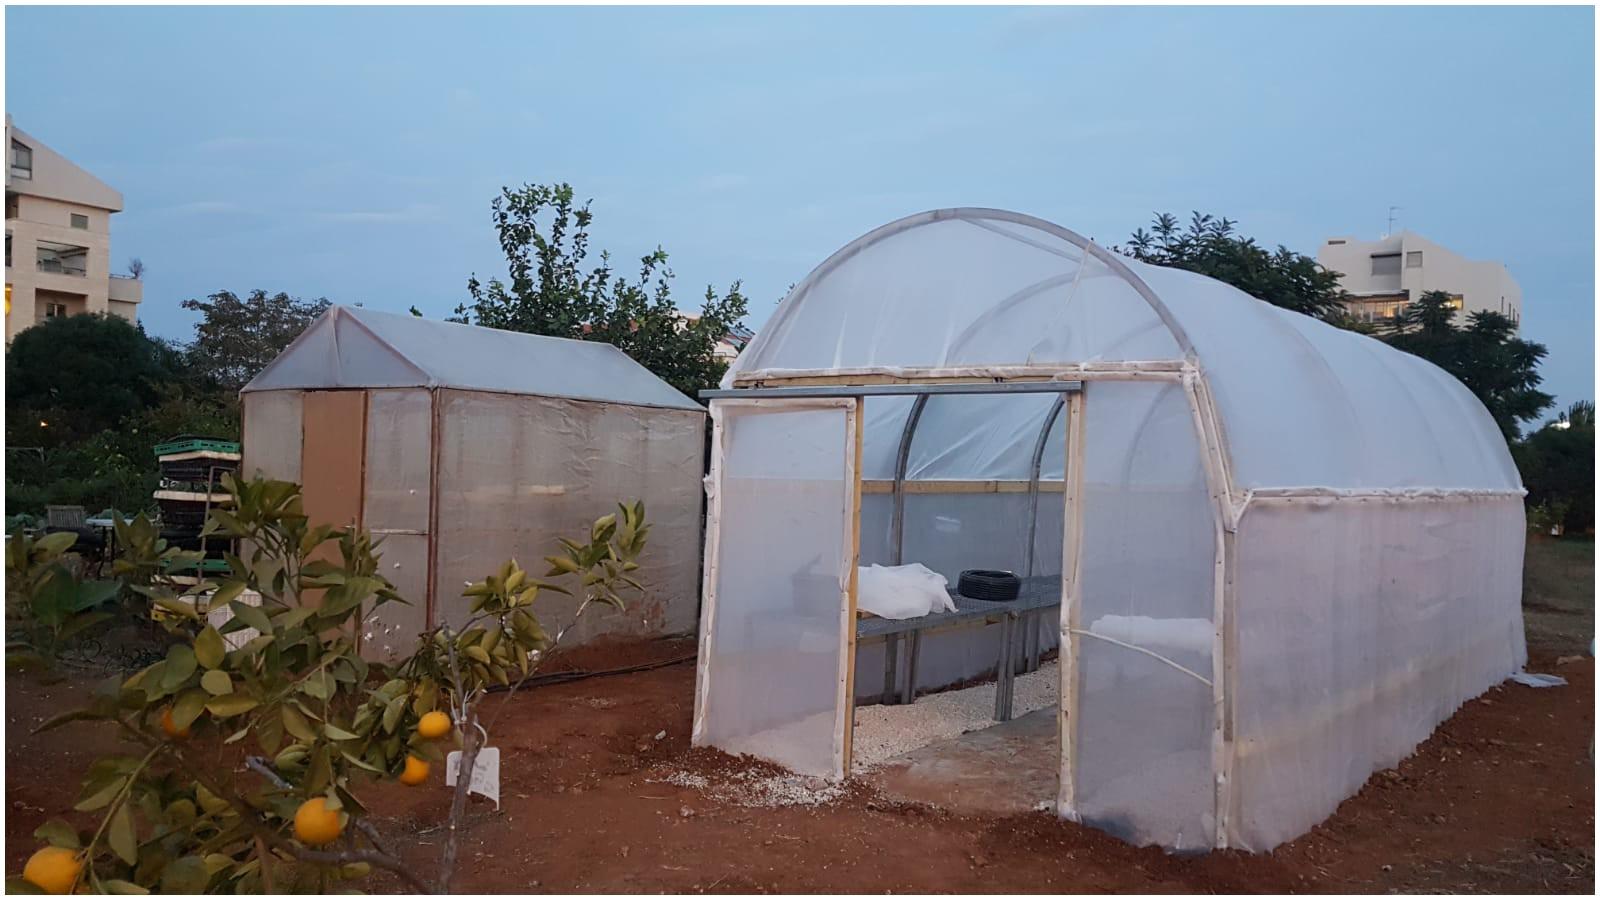 החממה הנגישה בגינה הקהילתית פעמונים, צילום: יעל רוזנבוים